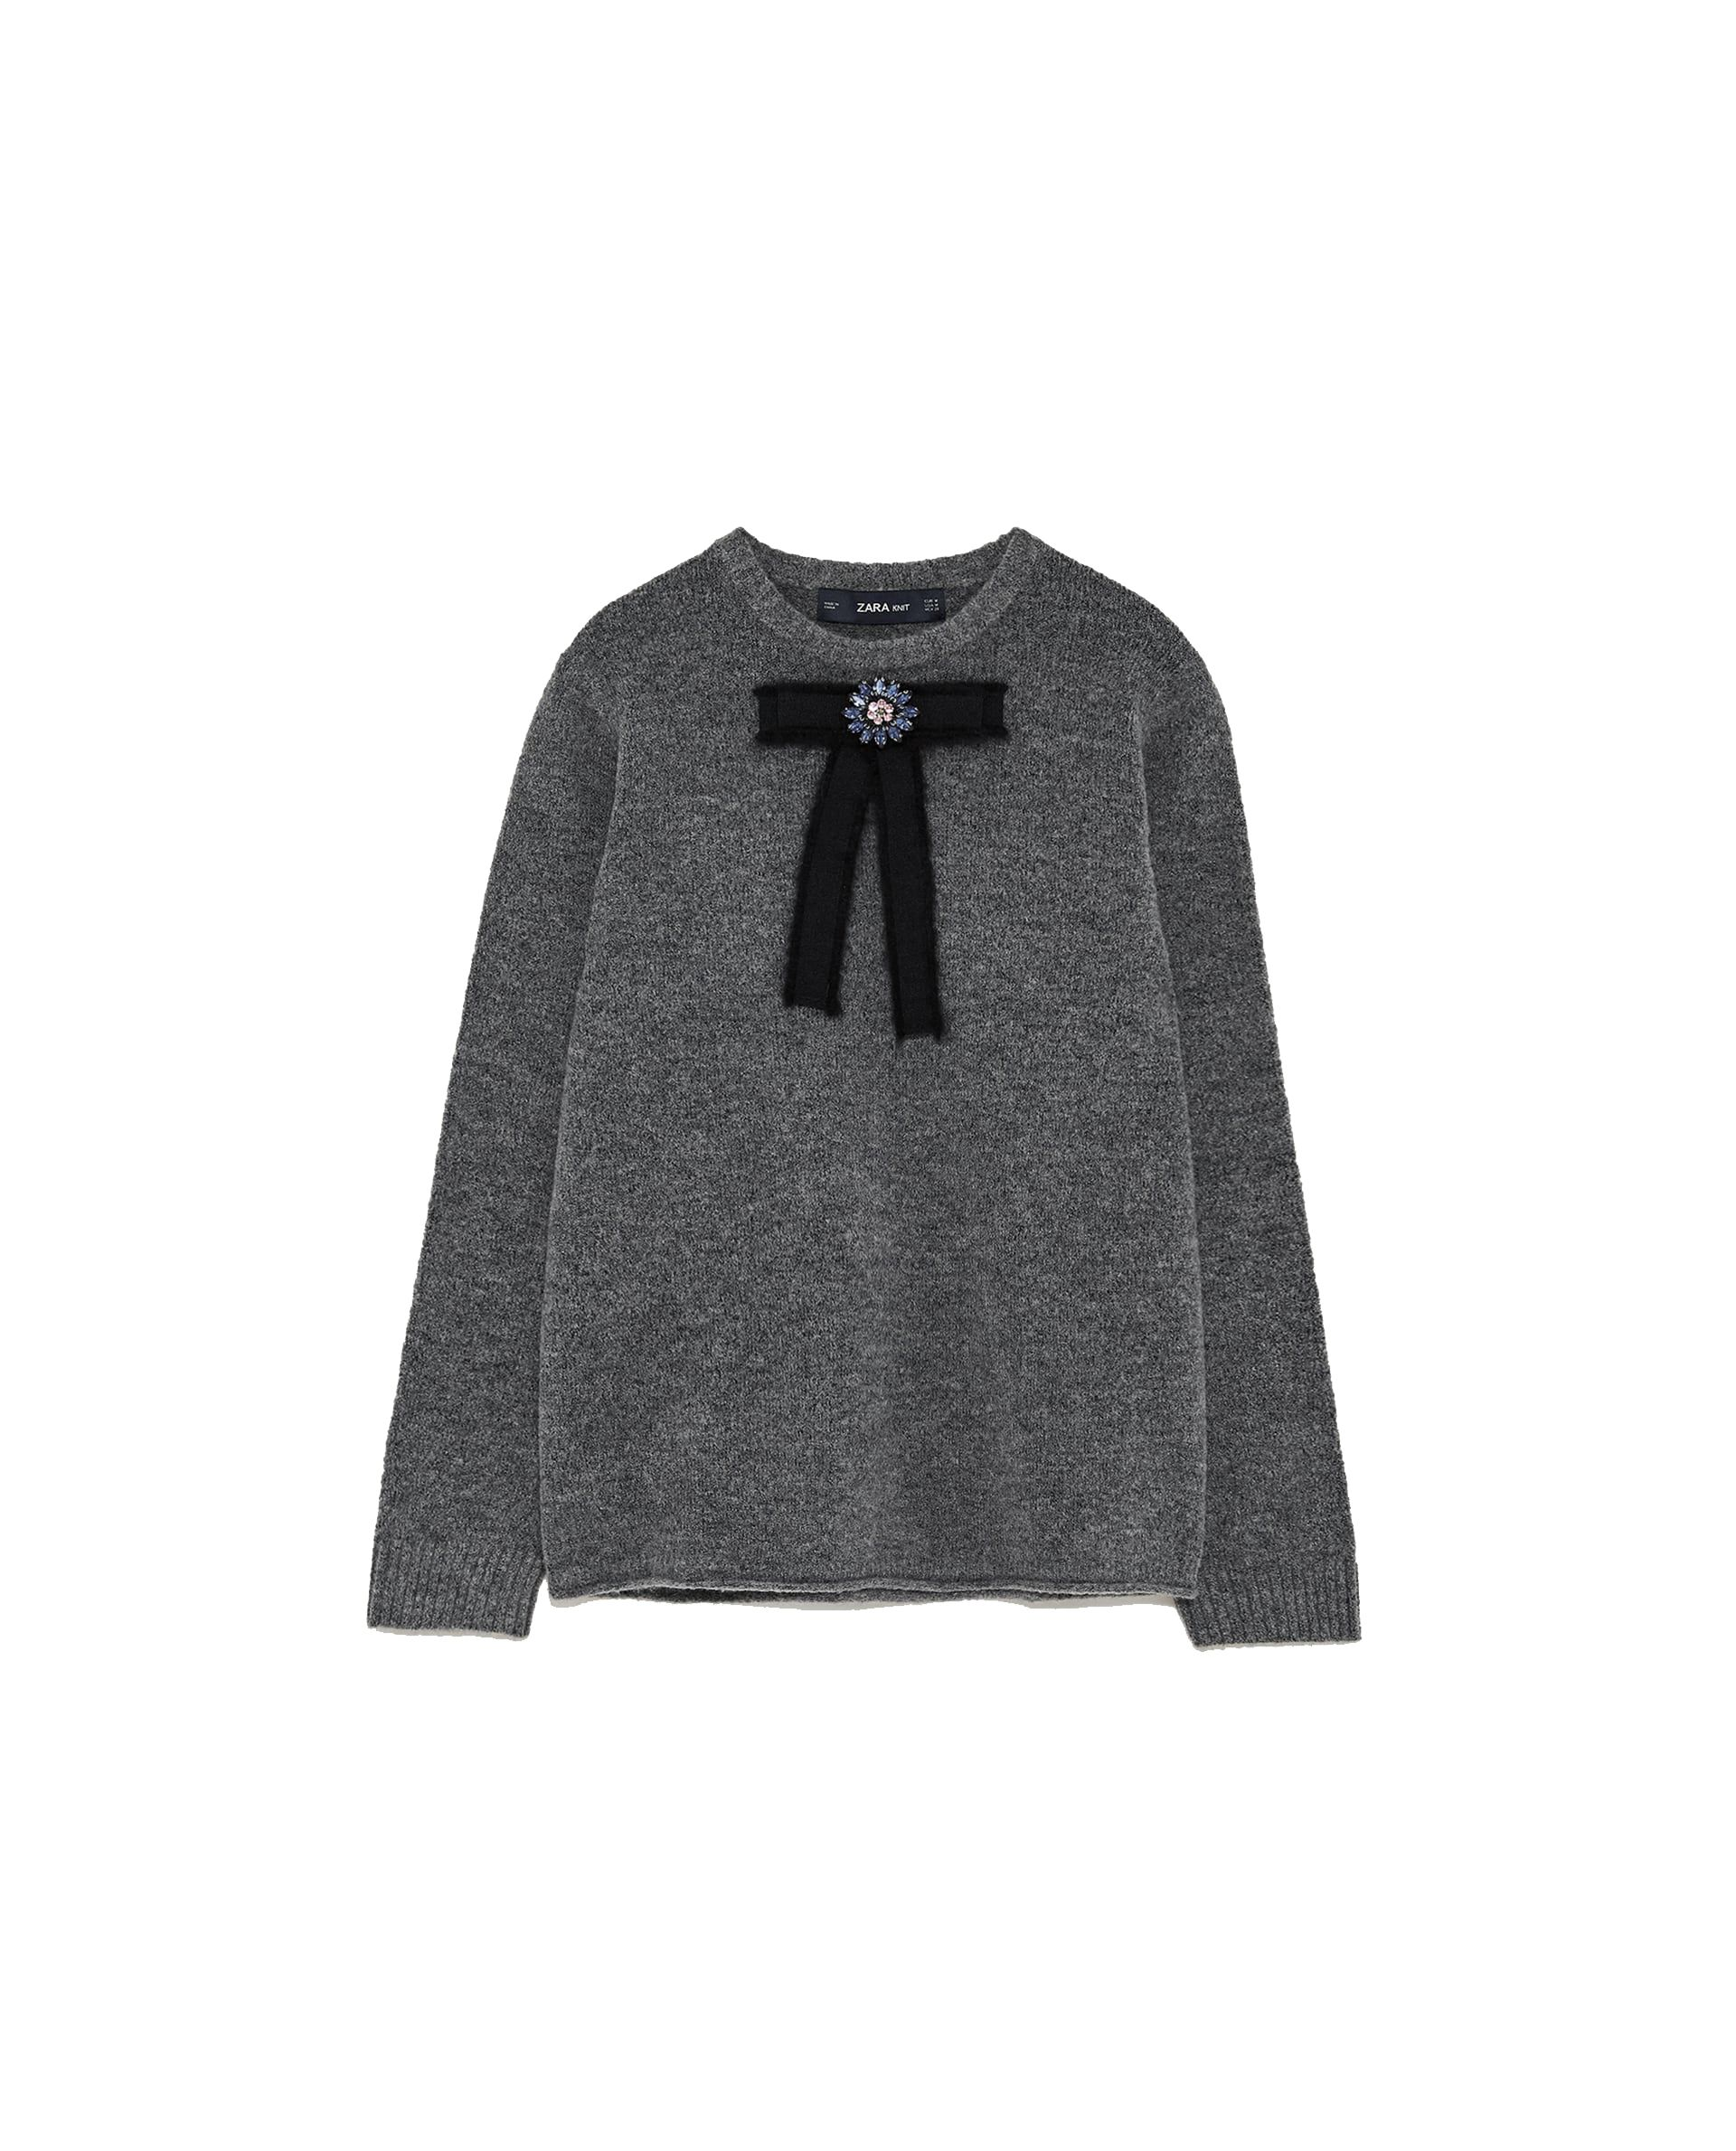 Nuevo En Tienda Zara Moda Tops De Lazo